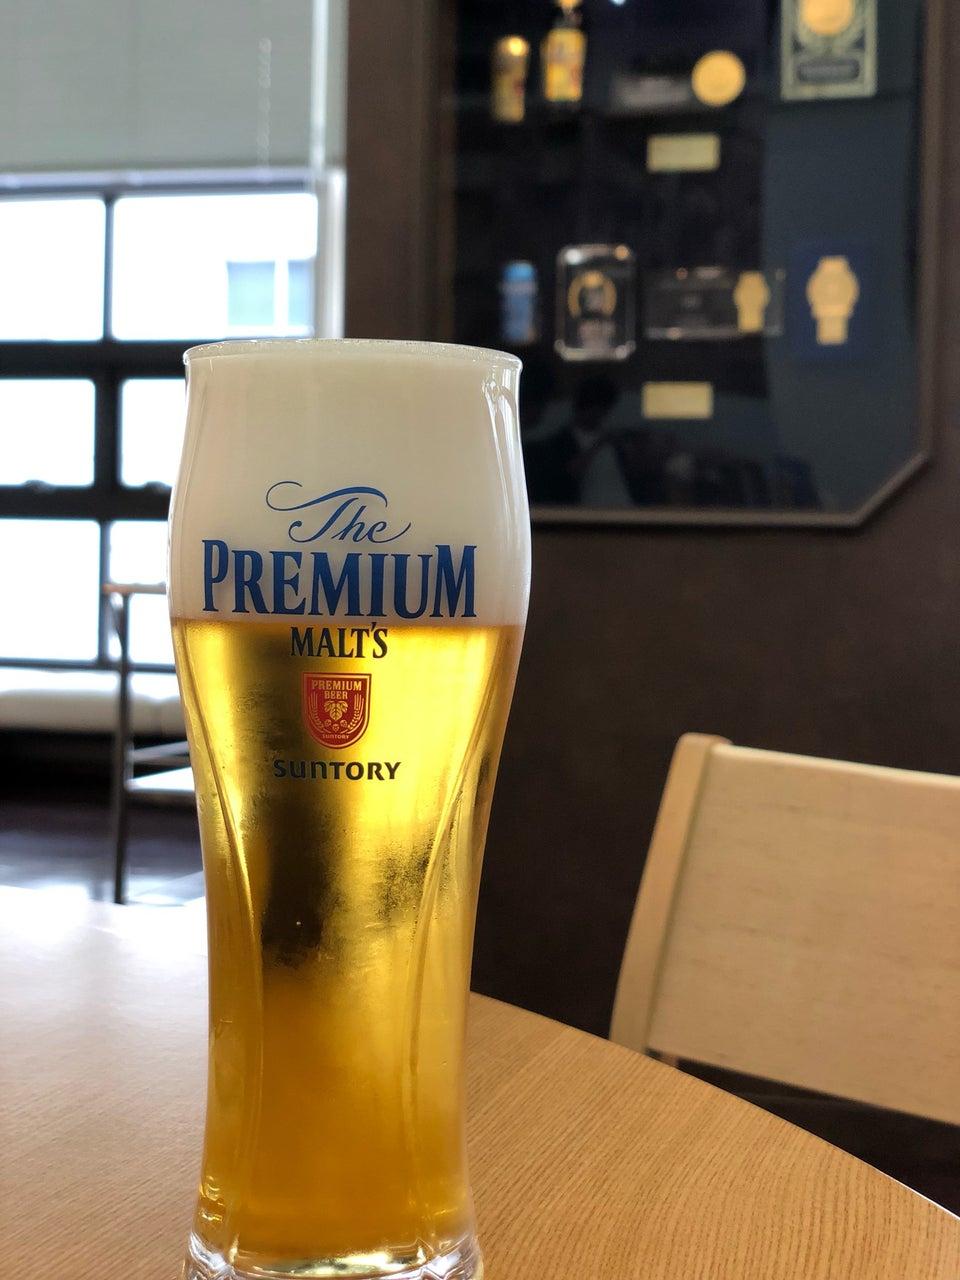 三得利東京武藏野啤酒工廠/サントリー武蔵野ビール工場